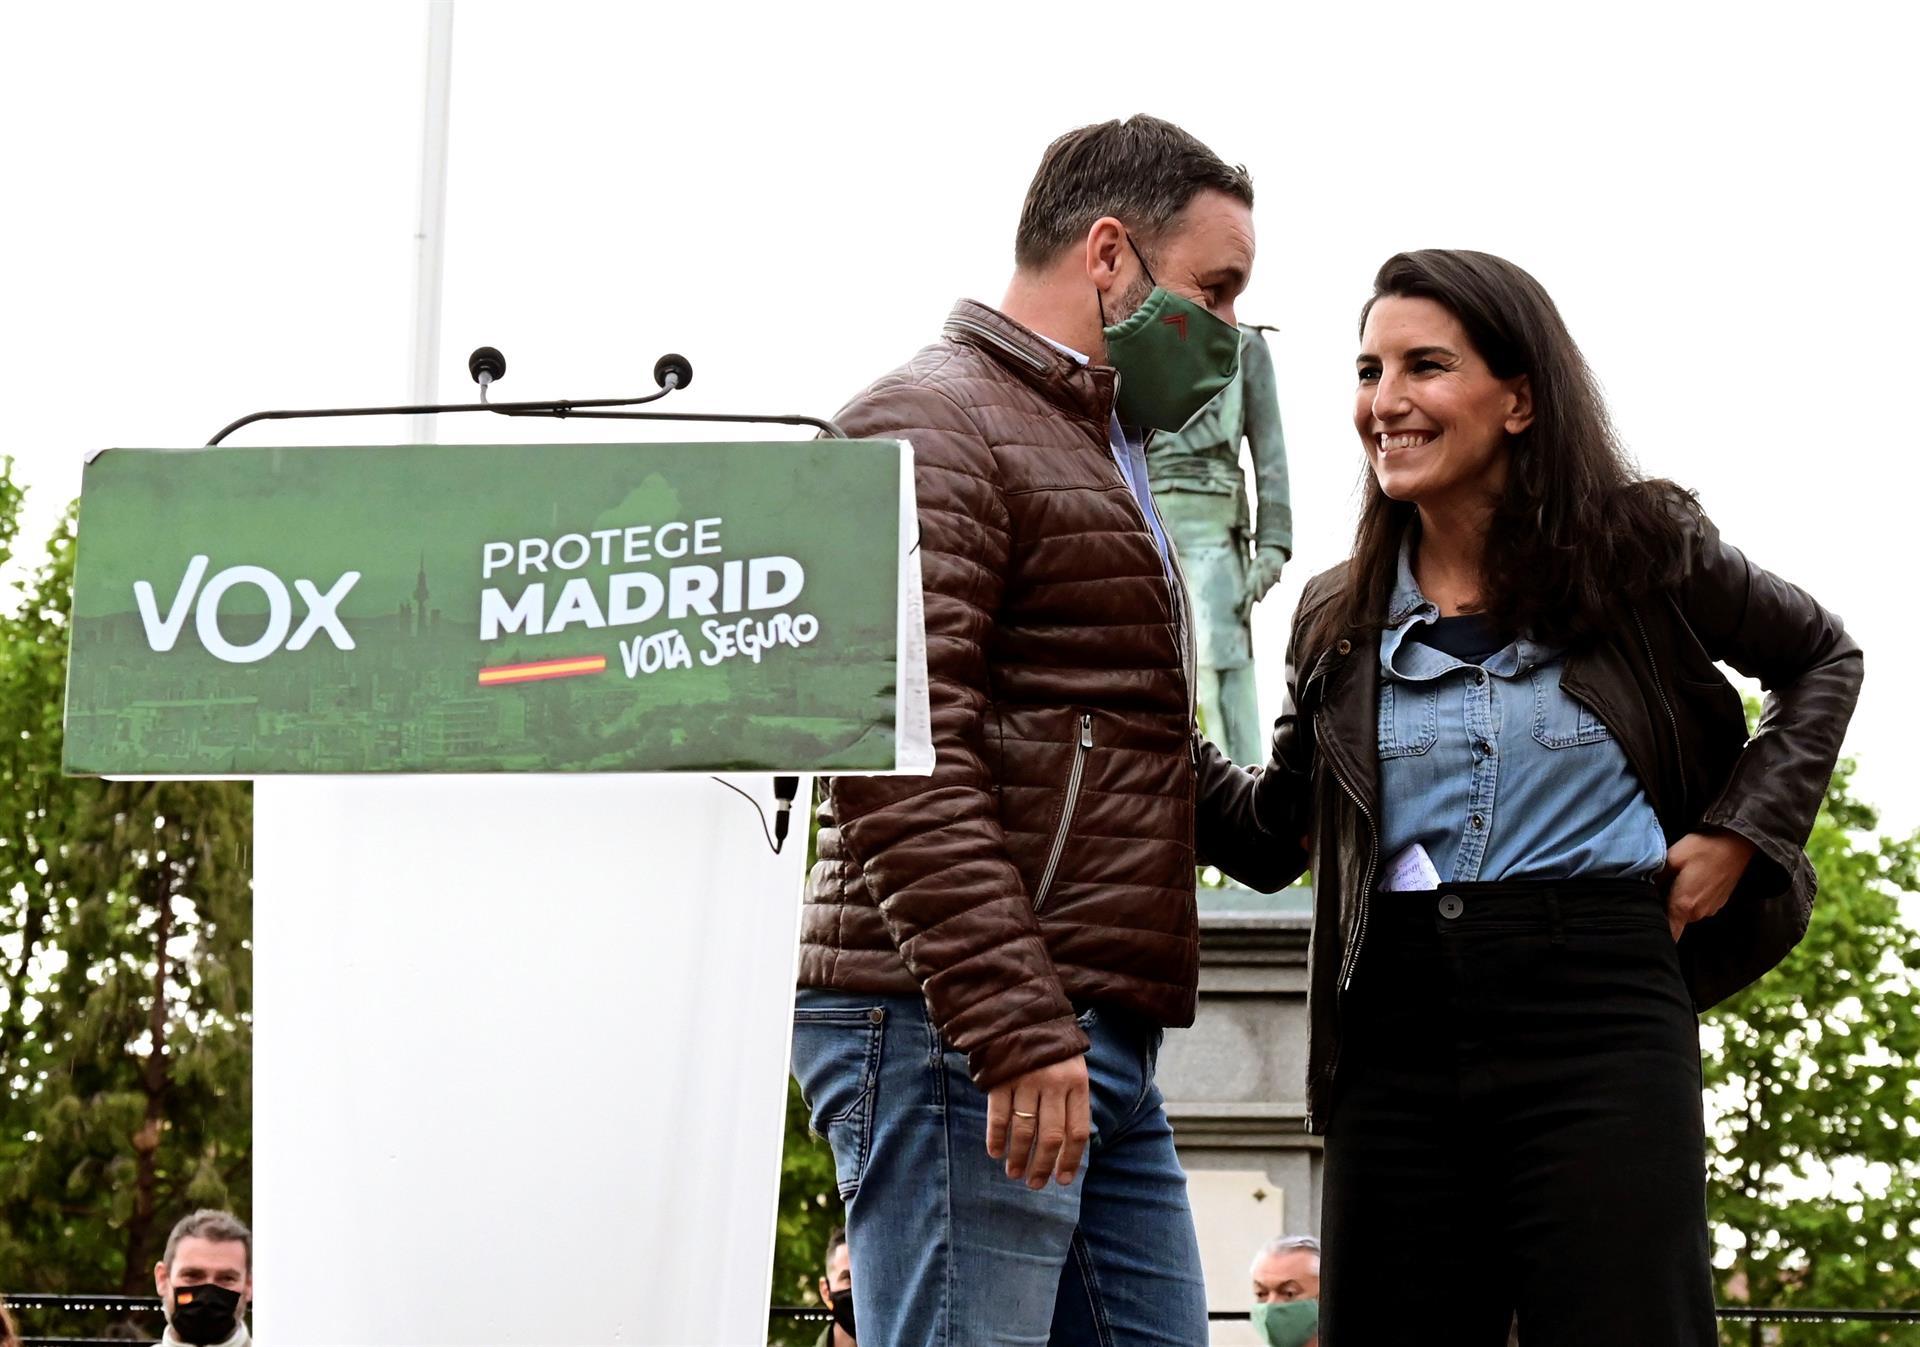 La candidata de Vox a la presidencia de la Comunidad de Madrid, Rocío Monasterio (d), y el presidente del partido, Santiago Abascal, durante el acto de campaña celebrado este martes en el Parque Duque de Ahumada de Valdemoro, en Madrid. EFE/Víctor Lerena